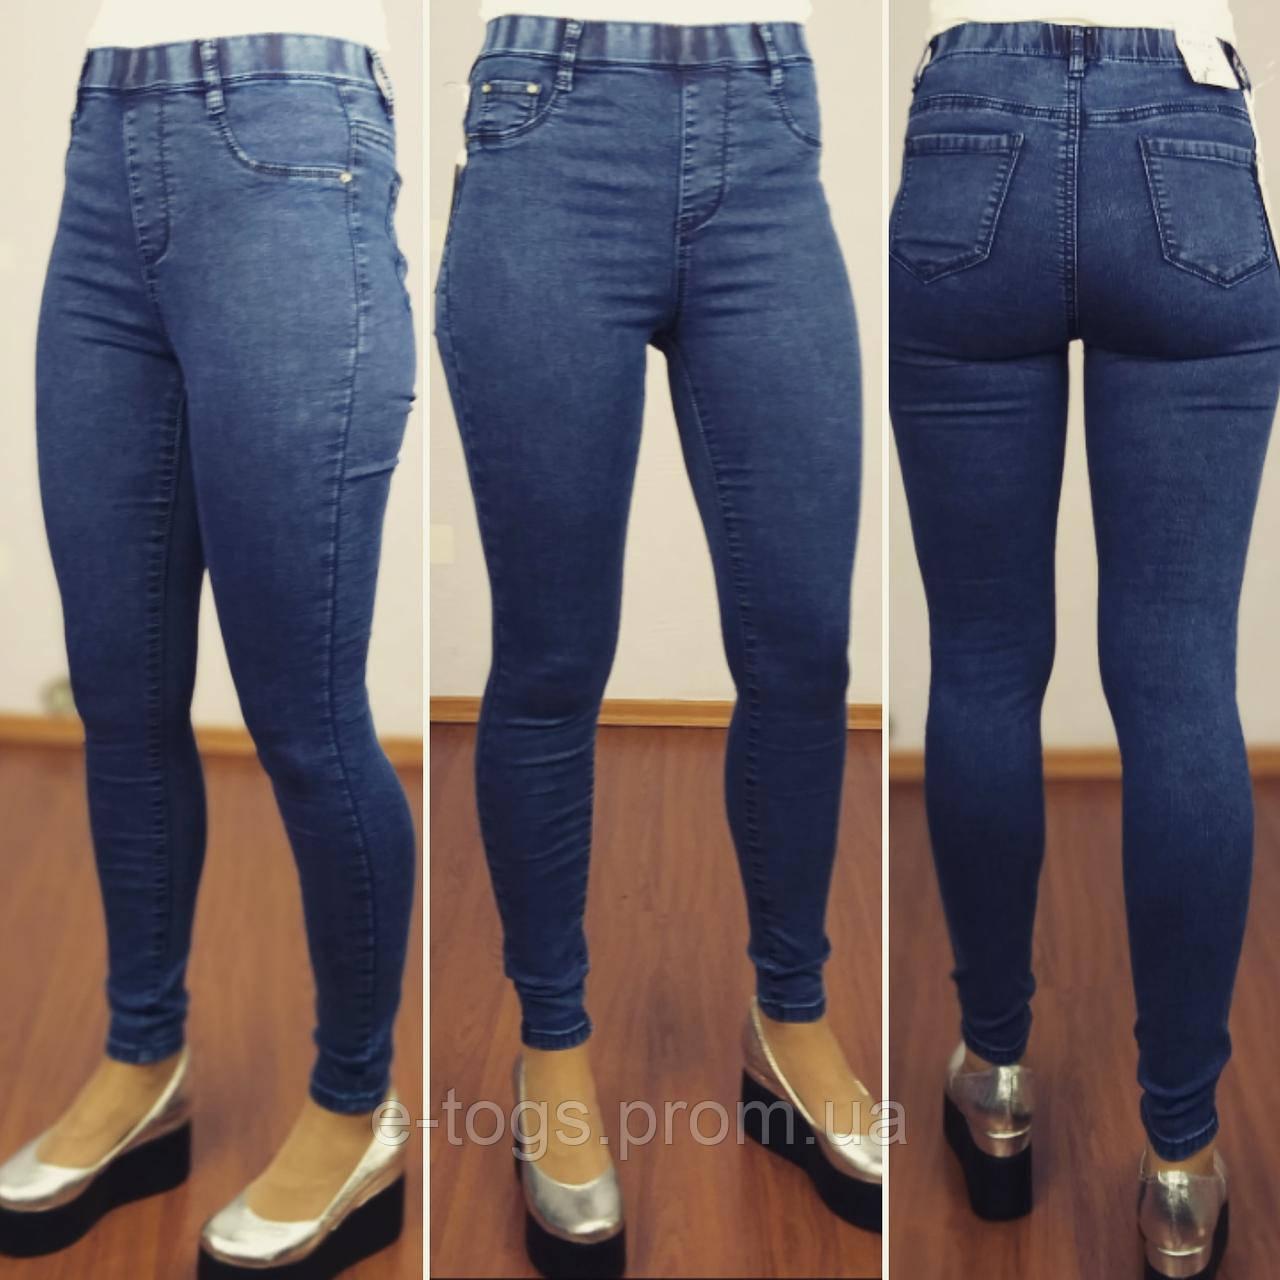 de7b21a52aa9 Джеггинсы, женские джинсы на резинке, производство Венгрия